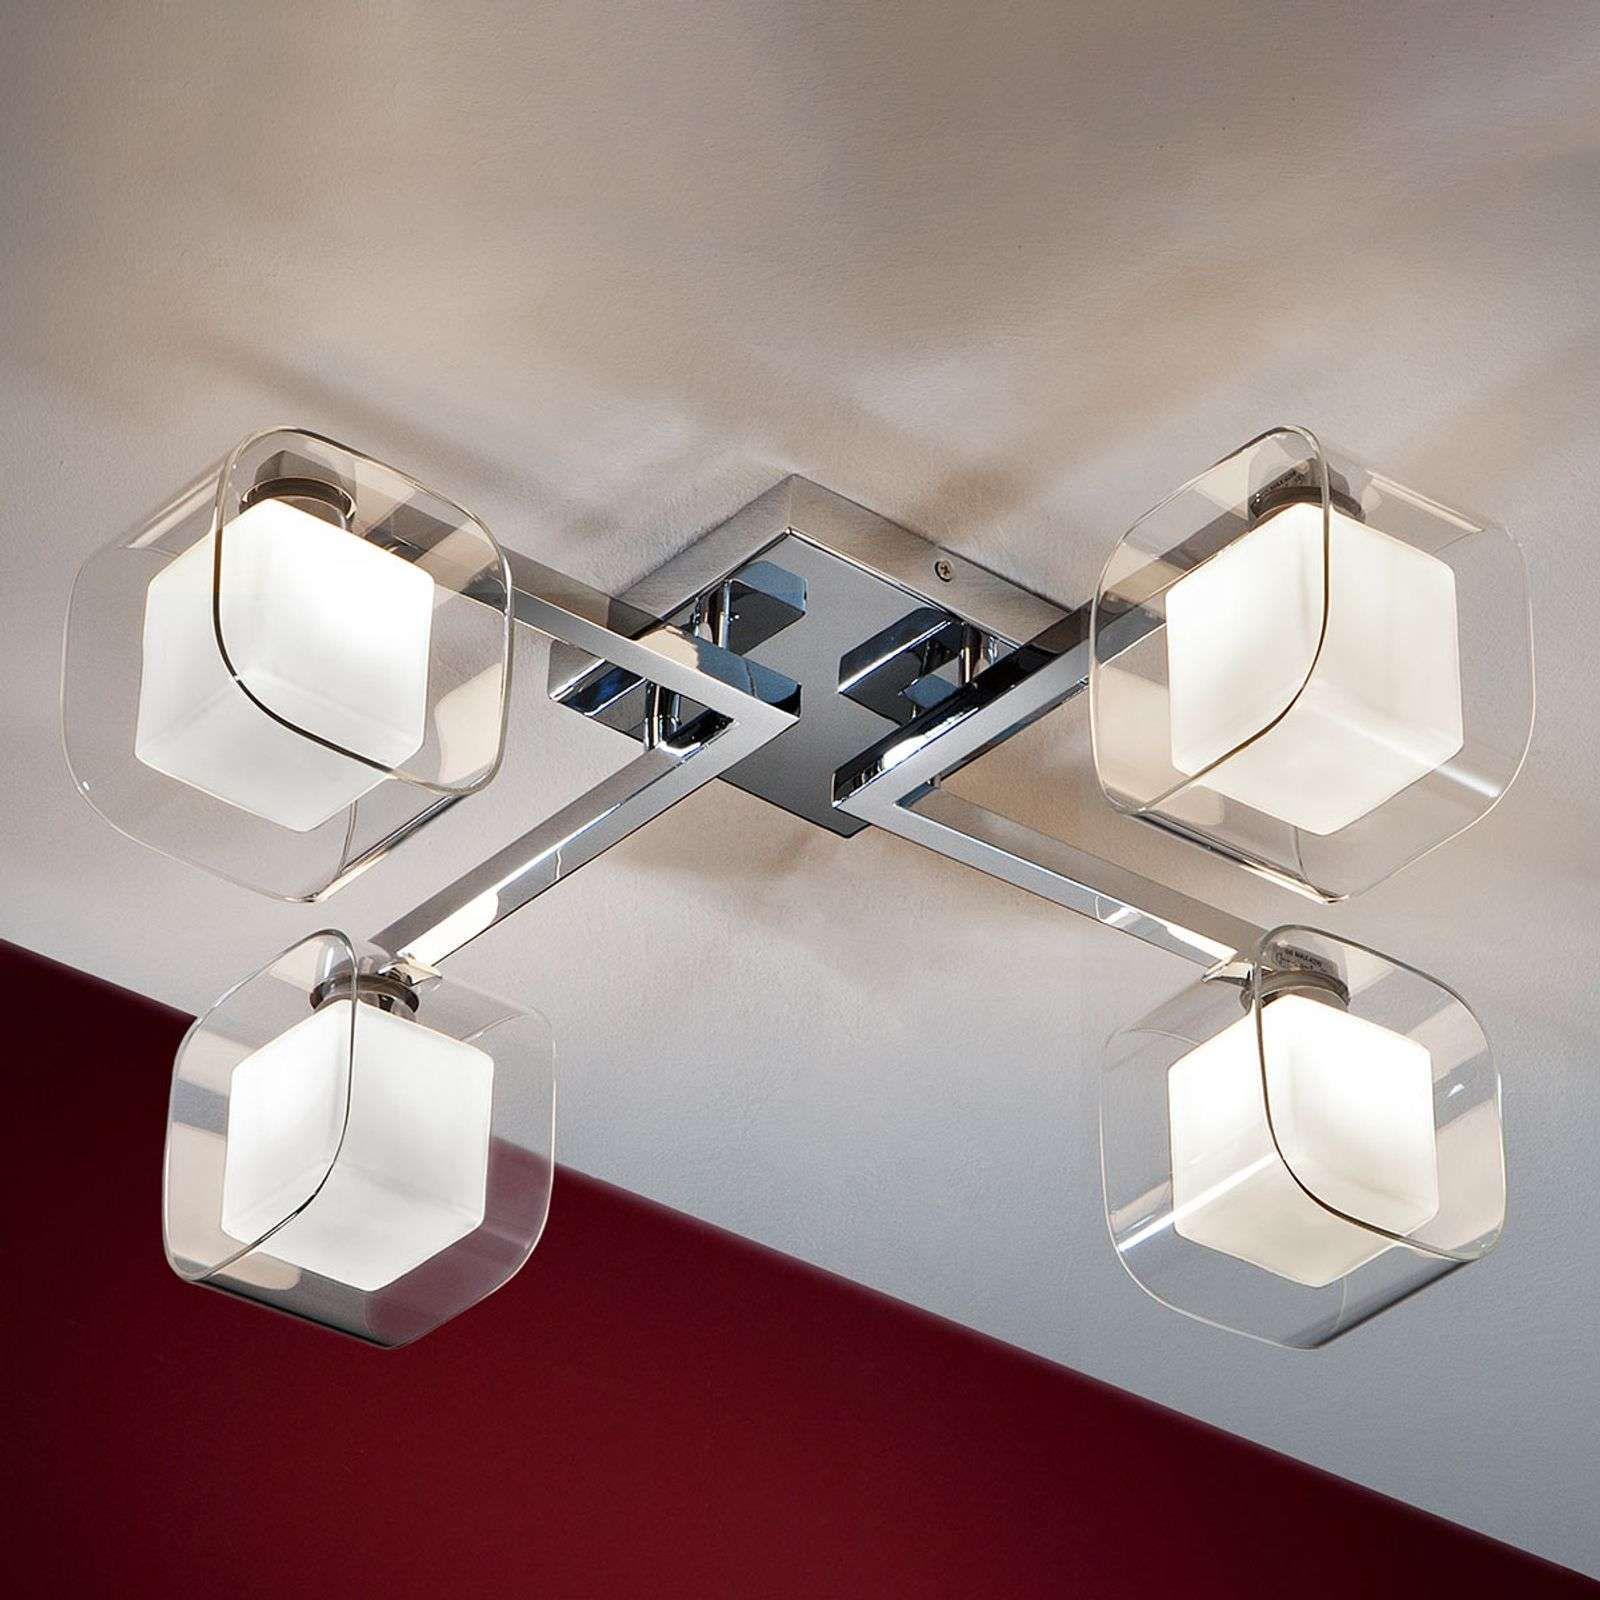 Cube Led Deckenleuchte Mit Vier Doppelschirmen In 2020 Led Deckenleuchte Led Und Led Deckenlampen